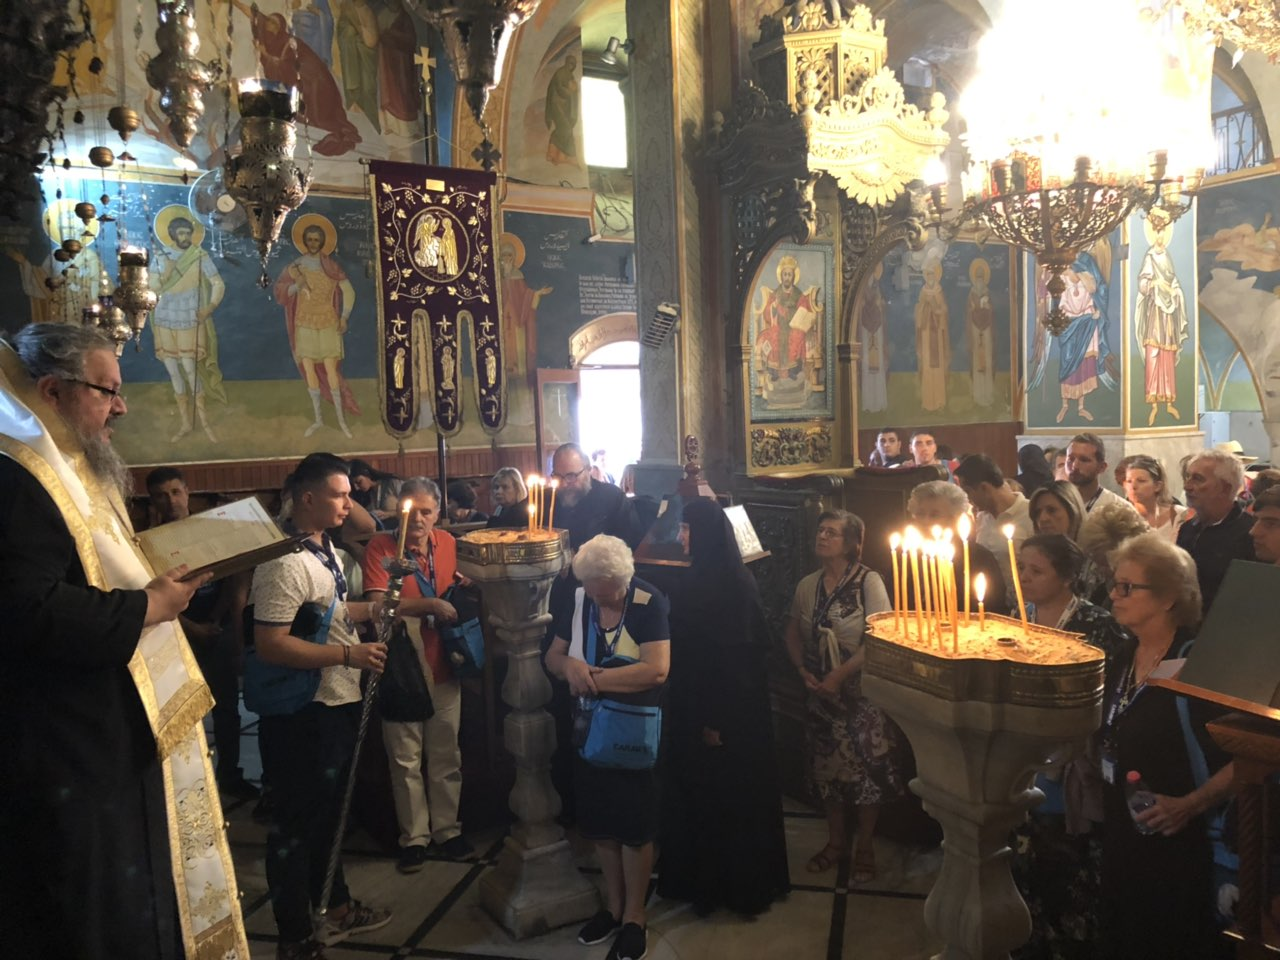 ierosolyma day2 2 - Στη Γαλιλαία Των Εθνών…